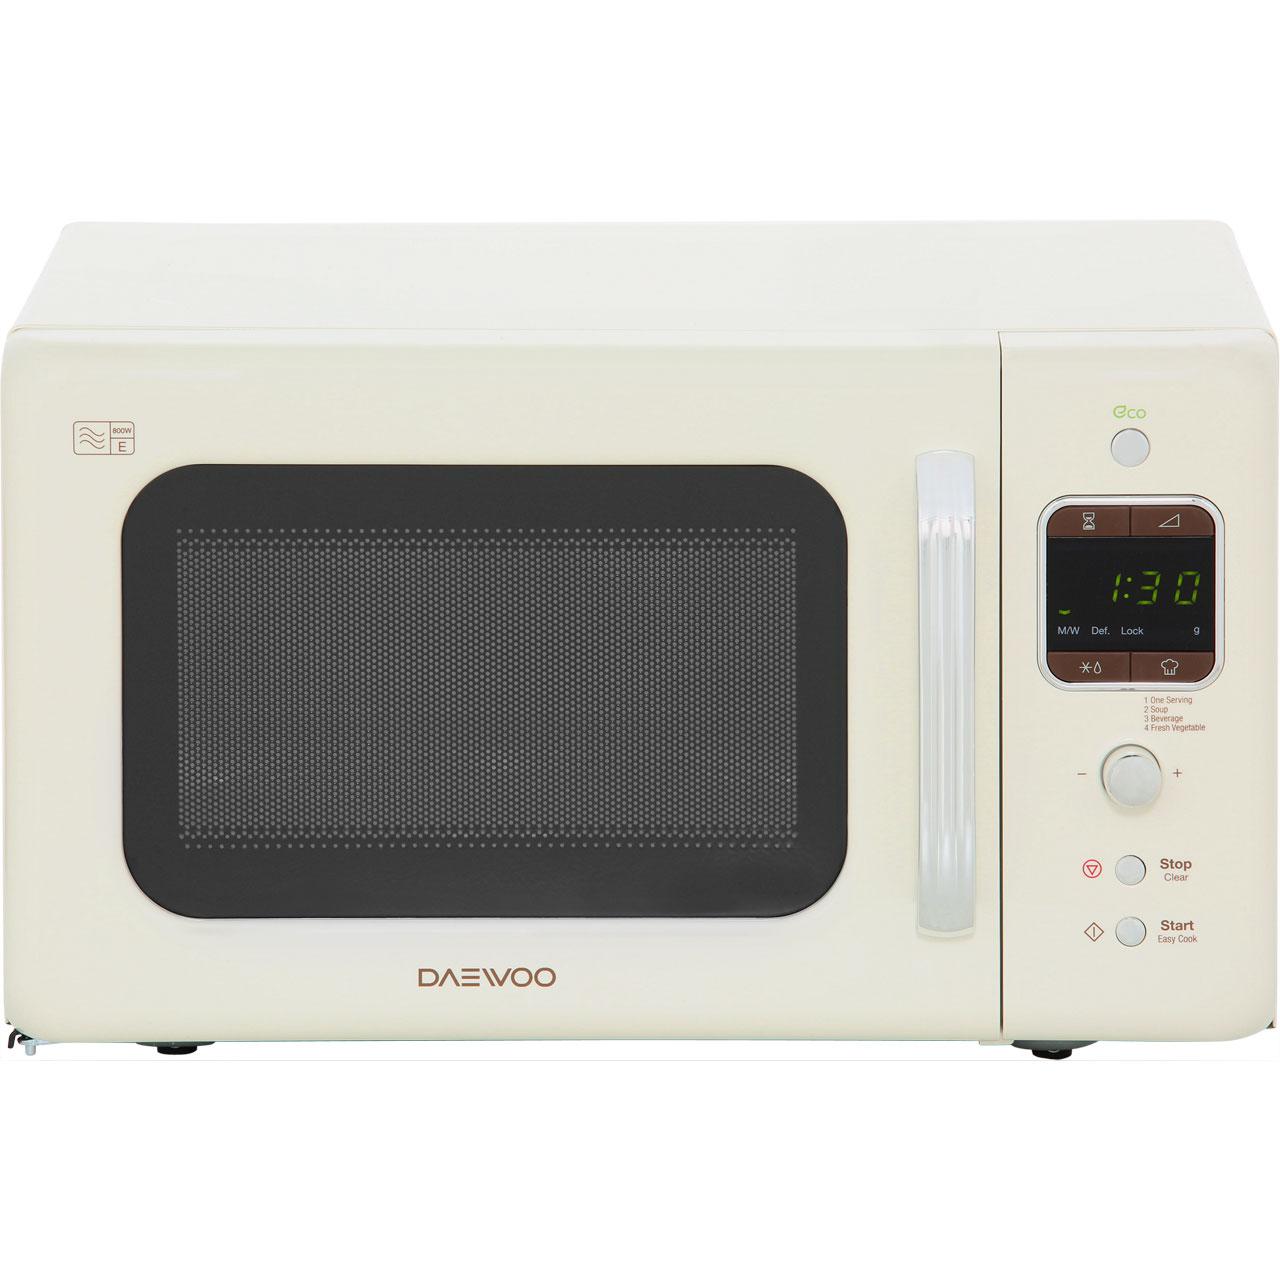 daewoo microwaves bestmicrowave. Black Bedroom Furniture Sets. Home Design Ideas